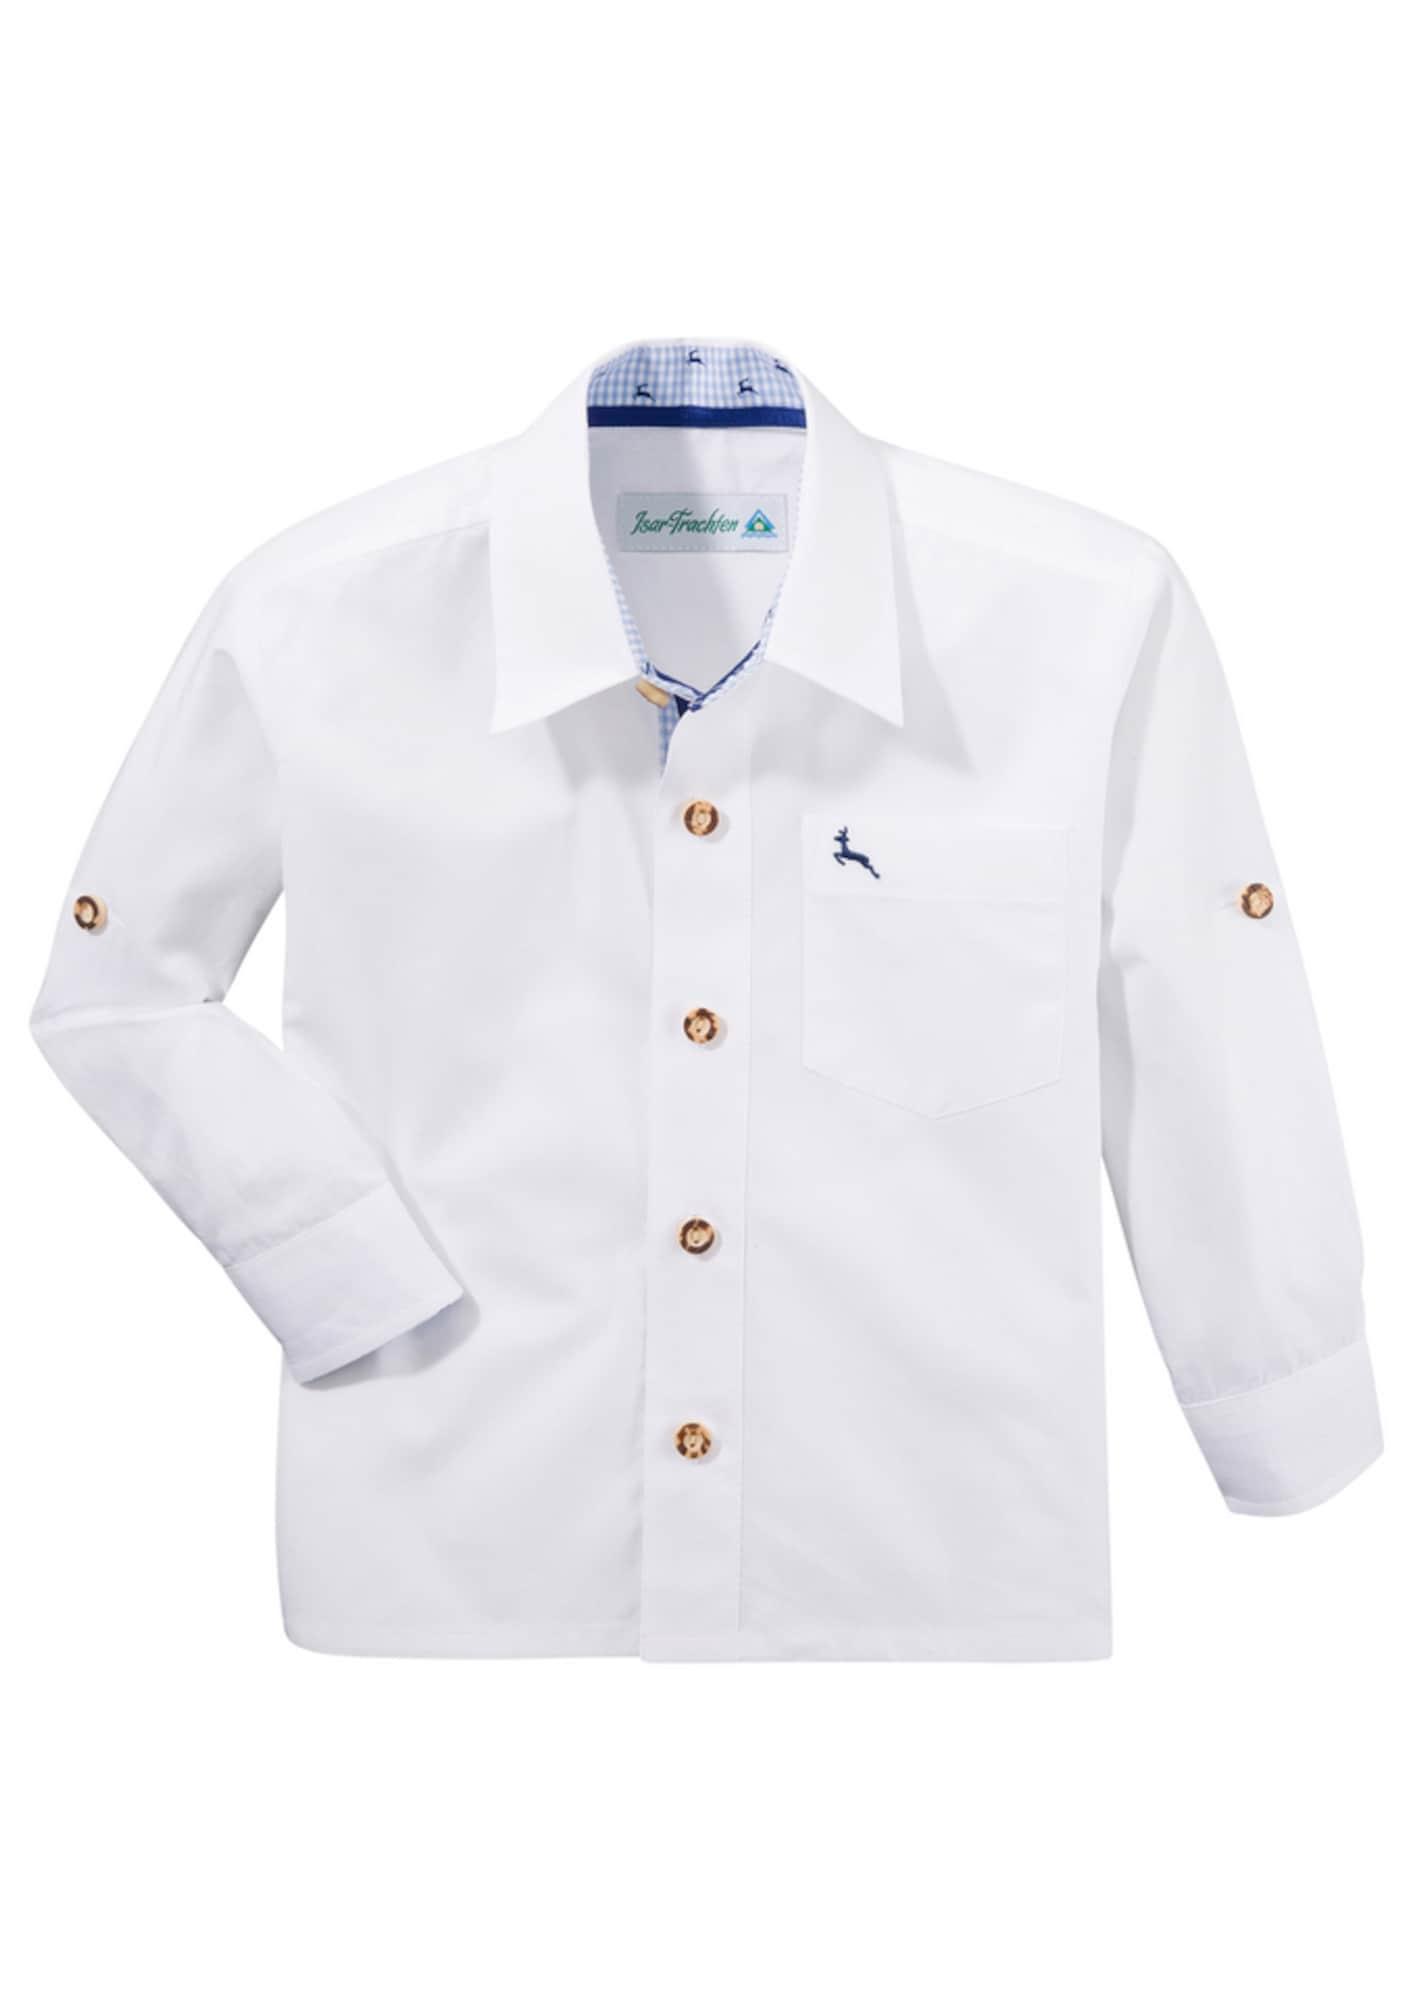 Jungen,  Kinder,  Kinder Isar-Trachten Trachtenhemd weiß | 04260537753053